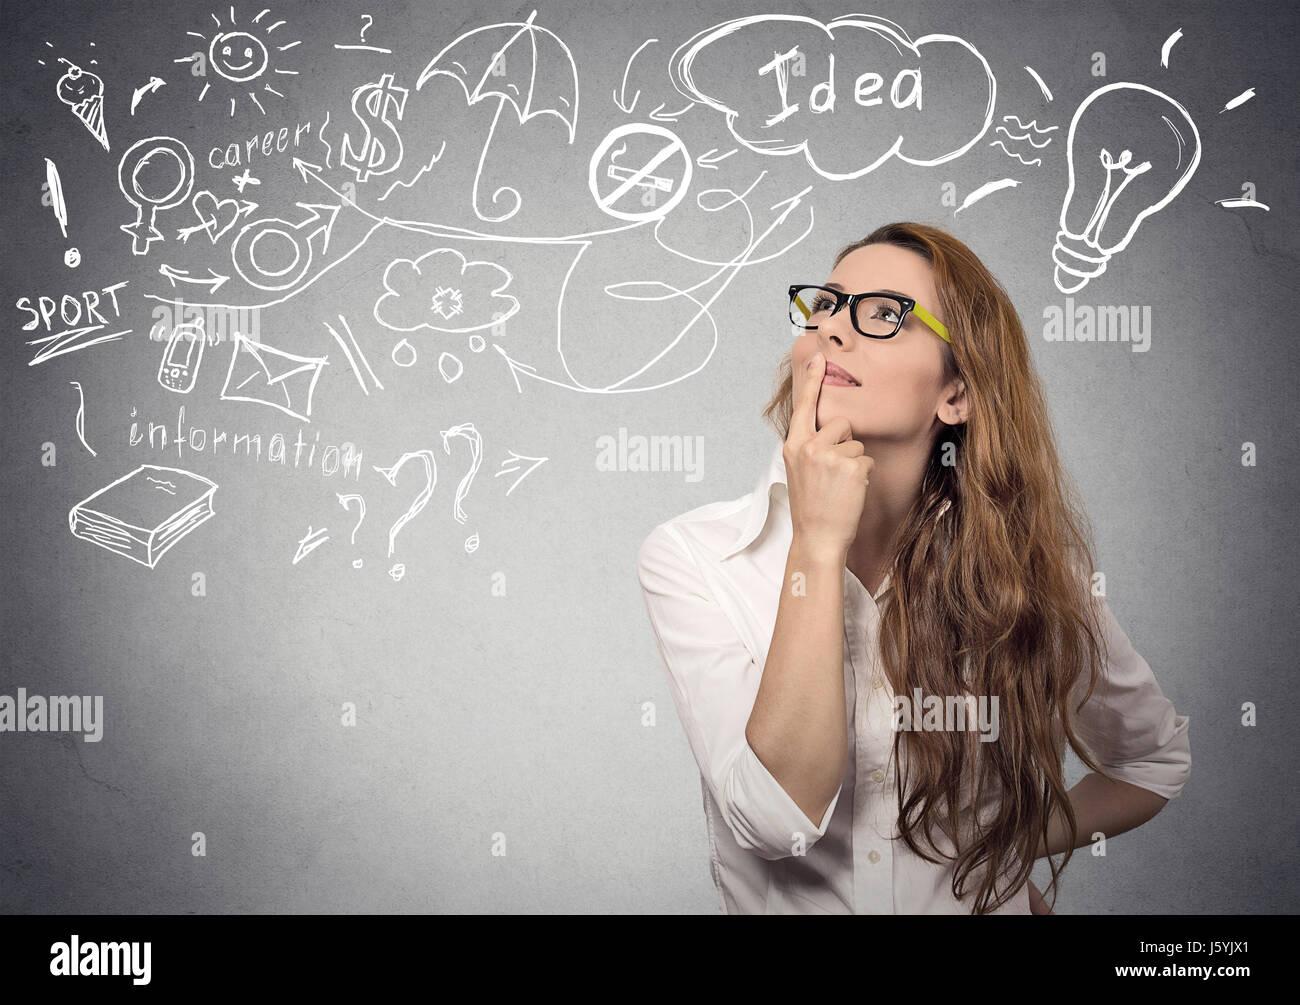 Porträt glückliche junge Frau denken träumen, hat viele Ideen, die isolierte graue Wand Hintergrund Stockbild